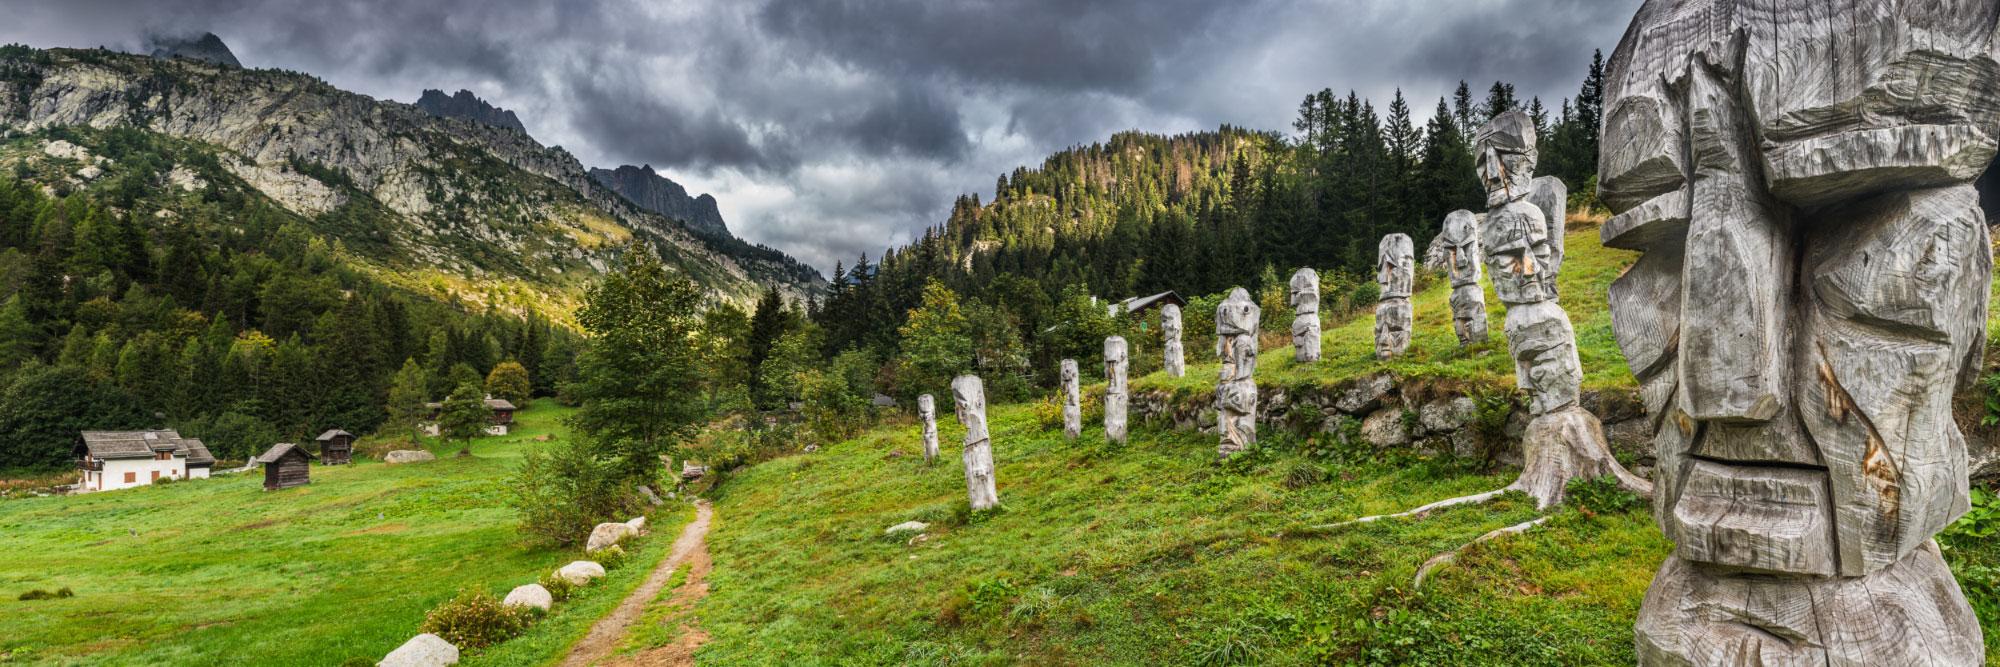 Totems protecteurs du Tour du Mont-Blanc, peu avant le col des Montets